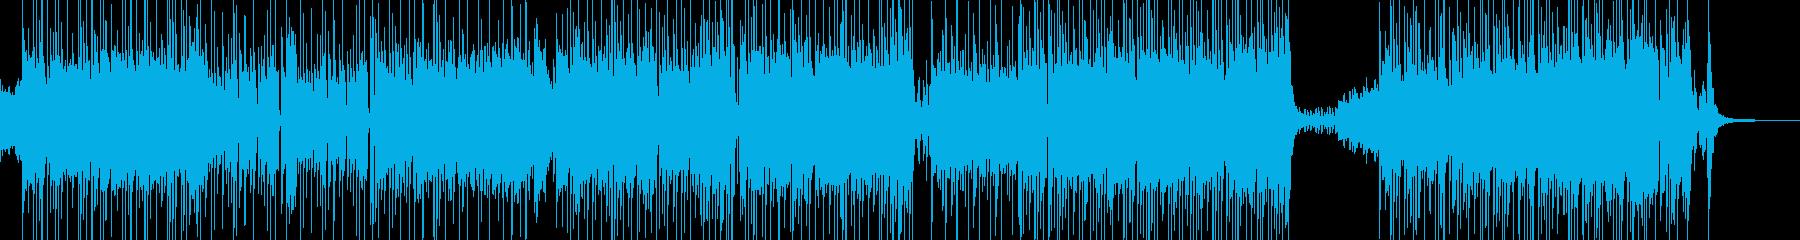 胸キュン・メルヘンな映像に 短尺★の再生済みの波形